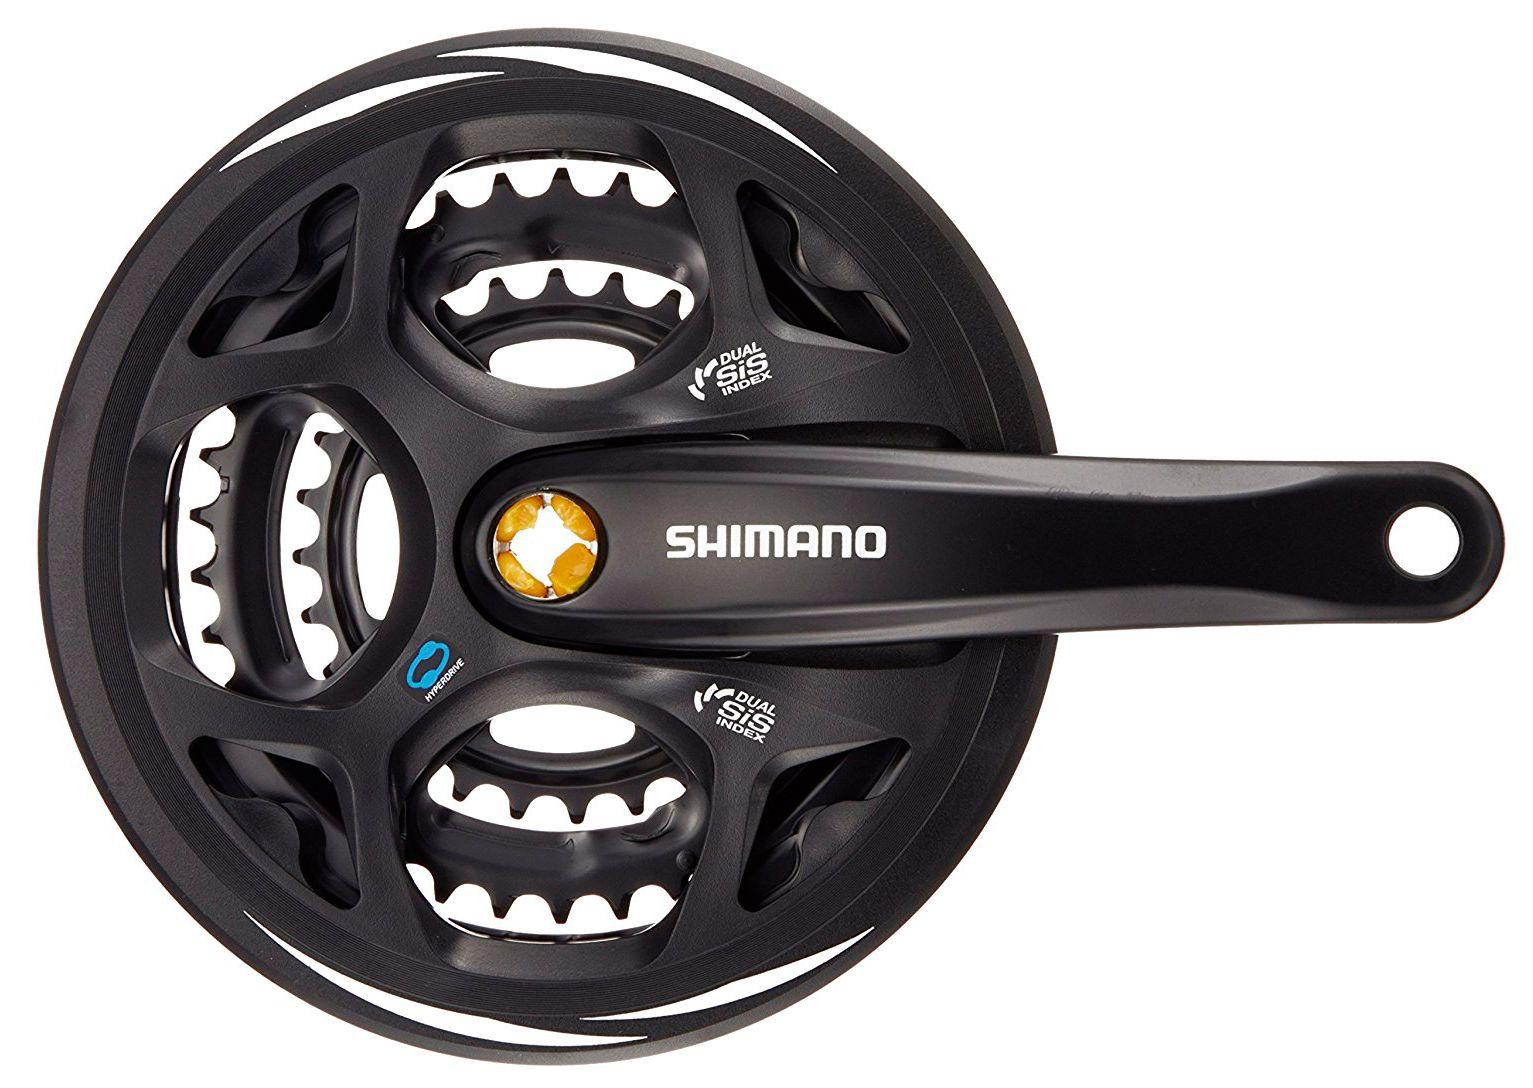 Запчасть Shimano Altus M311, 175 мм, Кв, 48/38/28T, защ. система велосипедная shimano altus 21 24скорости 48 38 28 175мм черная efcm311e888xl 2 932 1